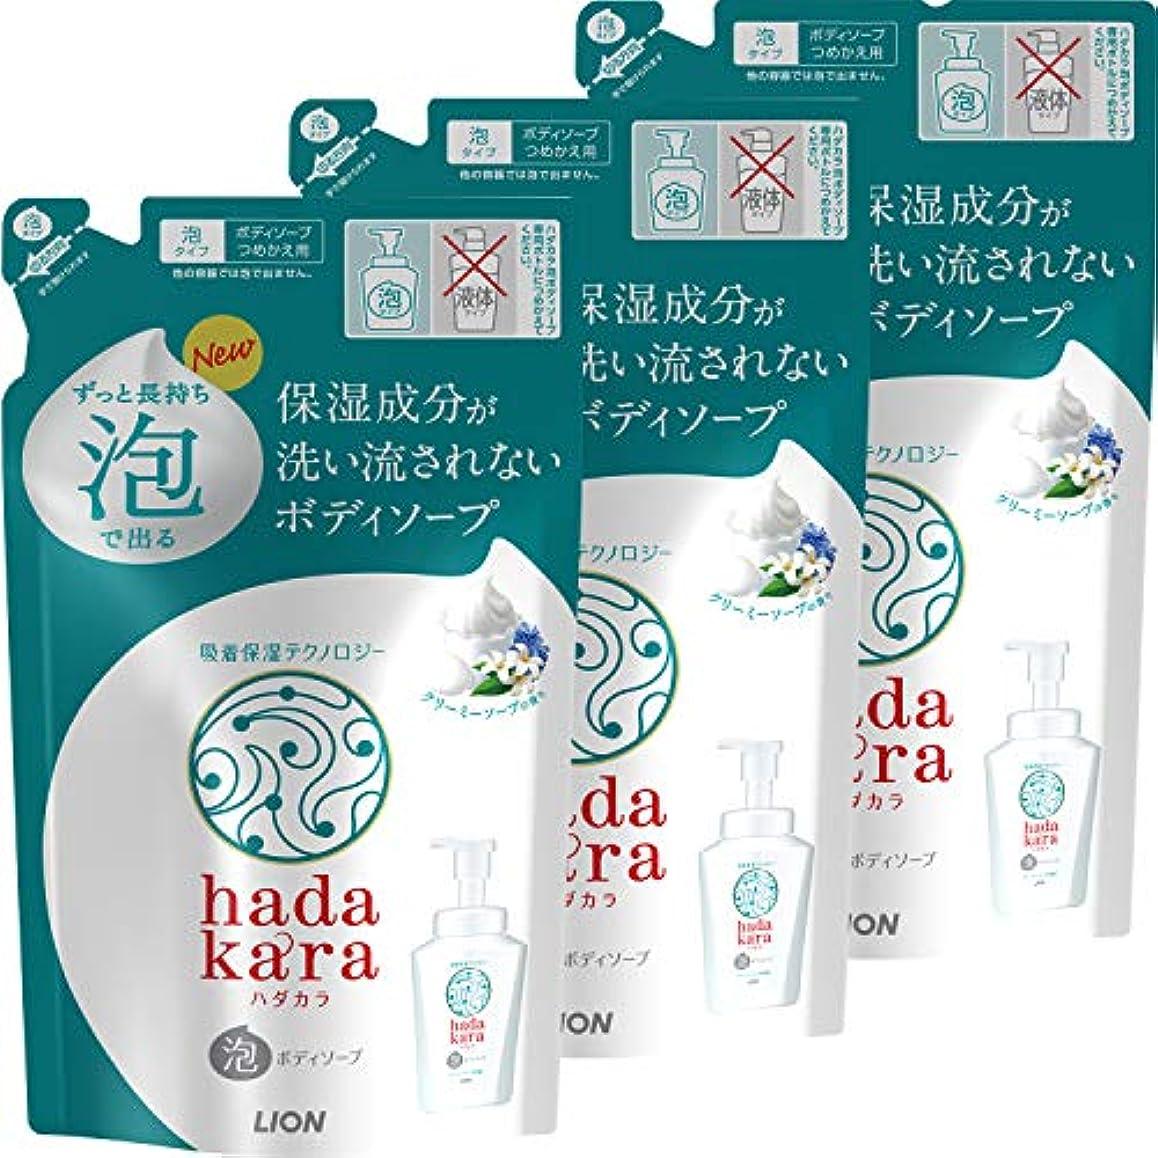 通り抜ける豆軍団hadakara(ハダカラ) ボディソープ 泡タイプ クリーミーソープの香り 詰替440ml×3個